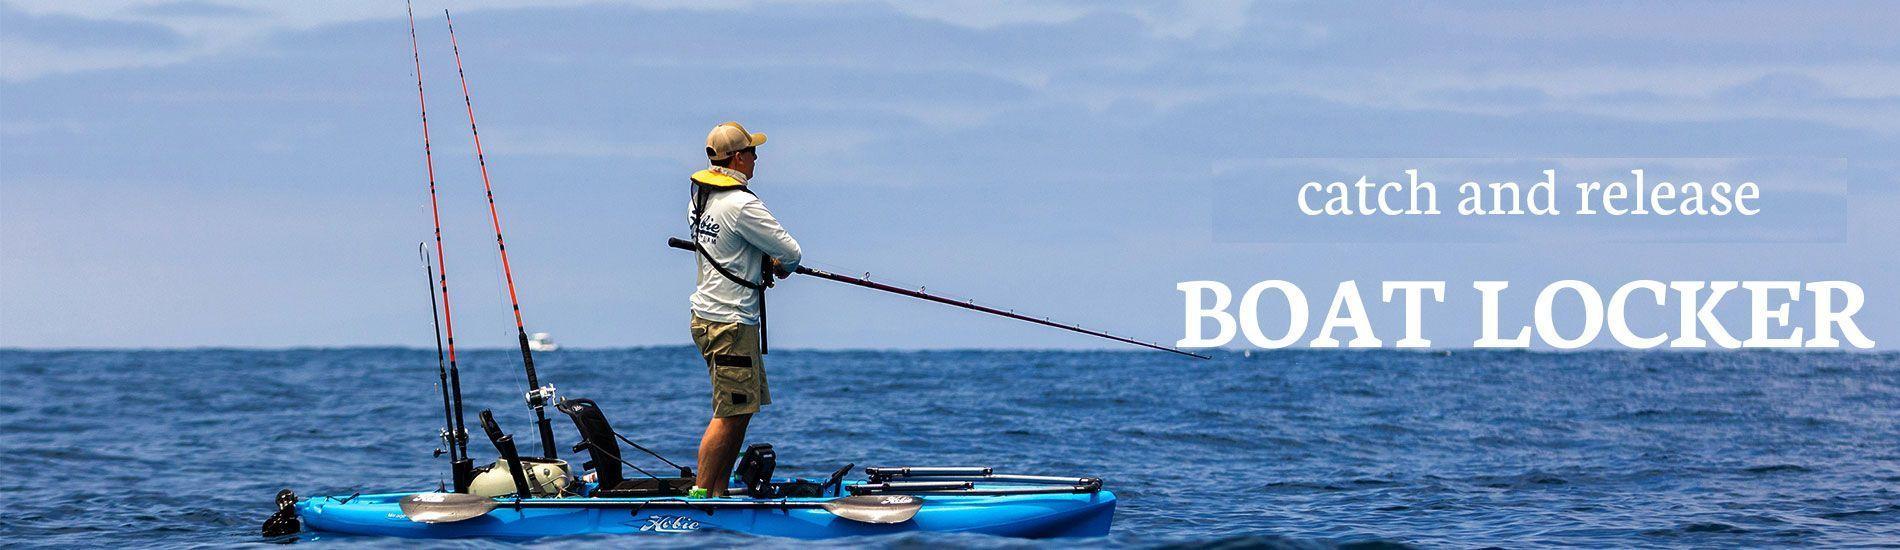 Fishing kayaks at boatlocker